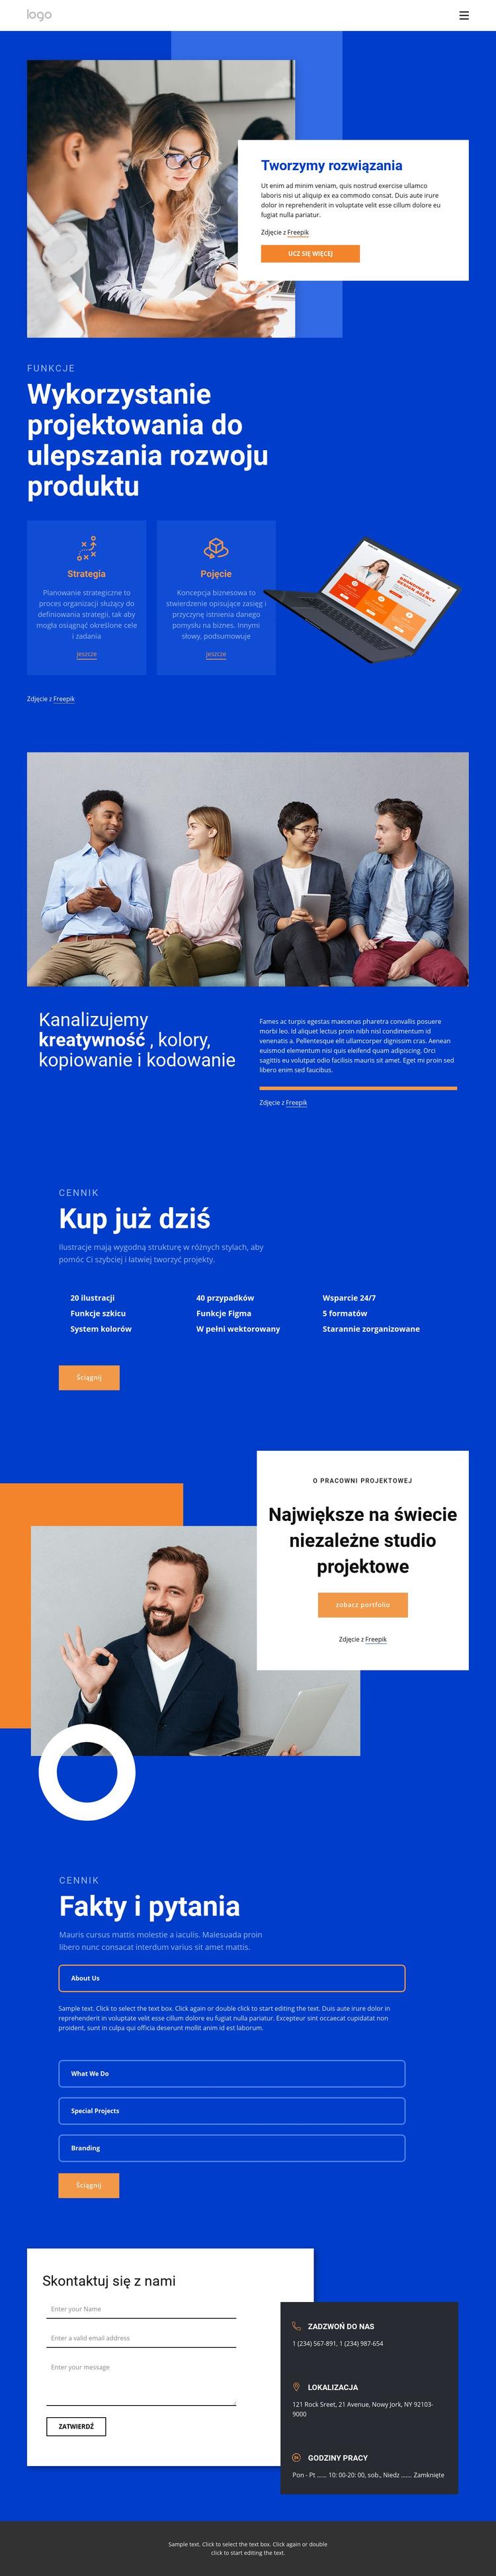 Tworzymy niesamowite rozwiązania Szablon witryny sieci Web